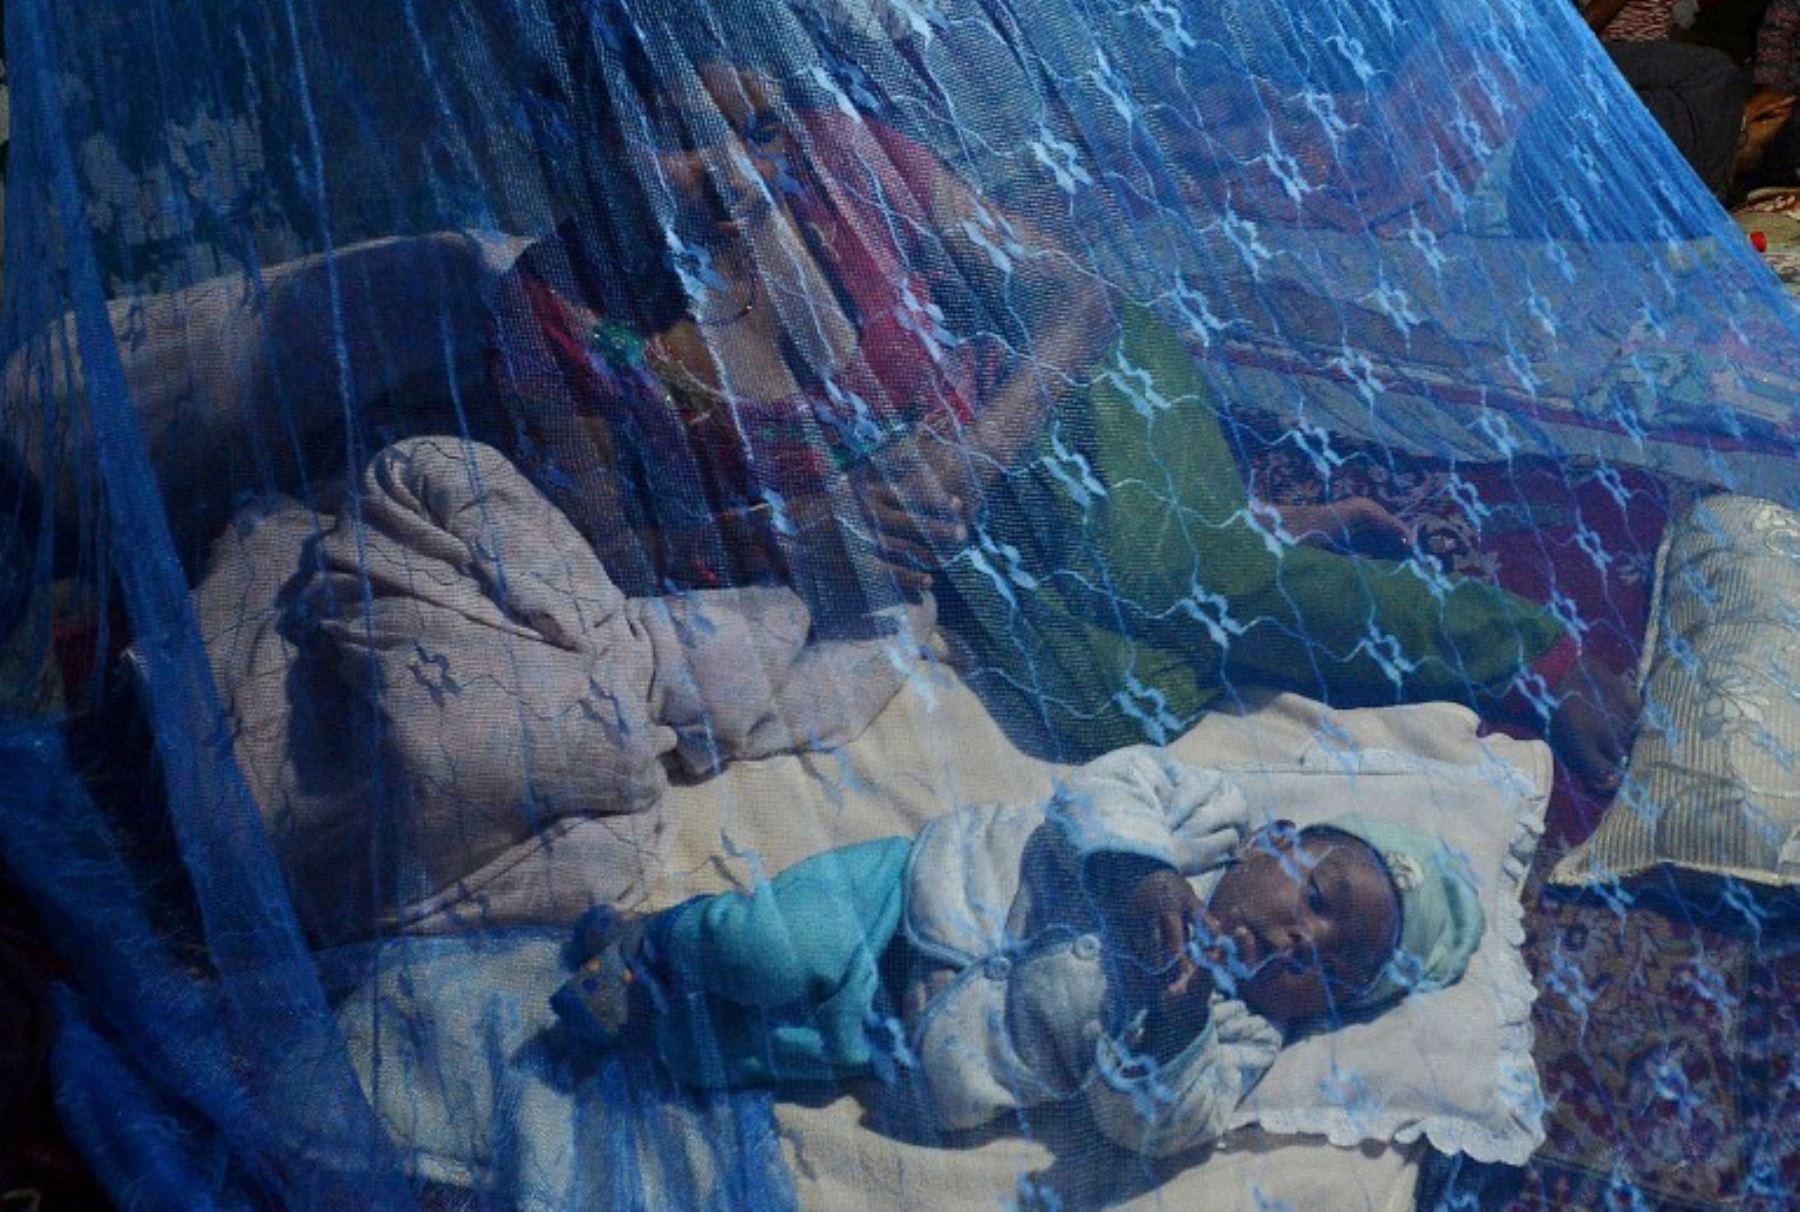 Residente nepalí descansa bajo un toldo en Katmandú después de múltiples terremotos golpearon la nación del Himalaya. Foto:AFP